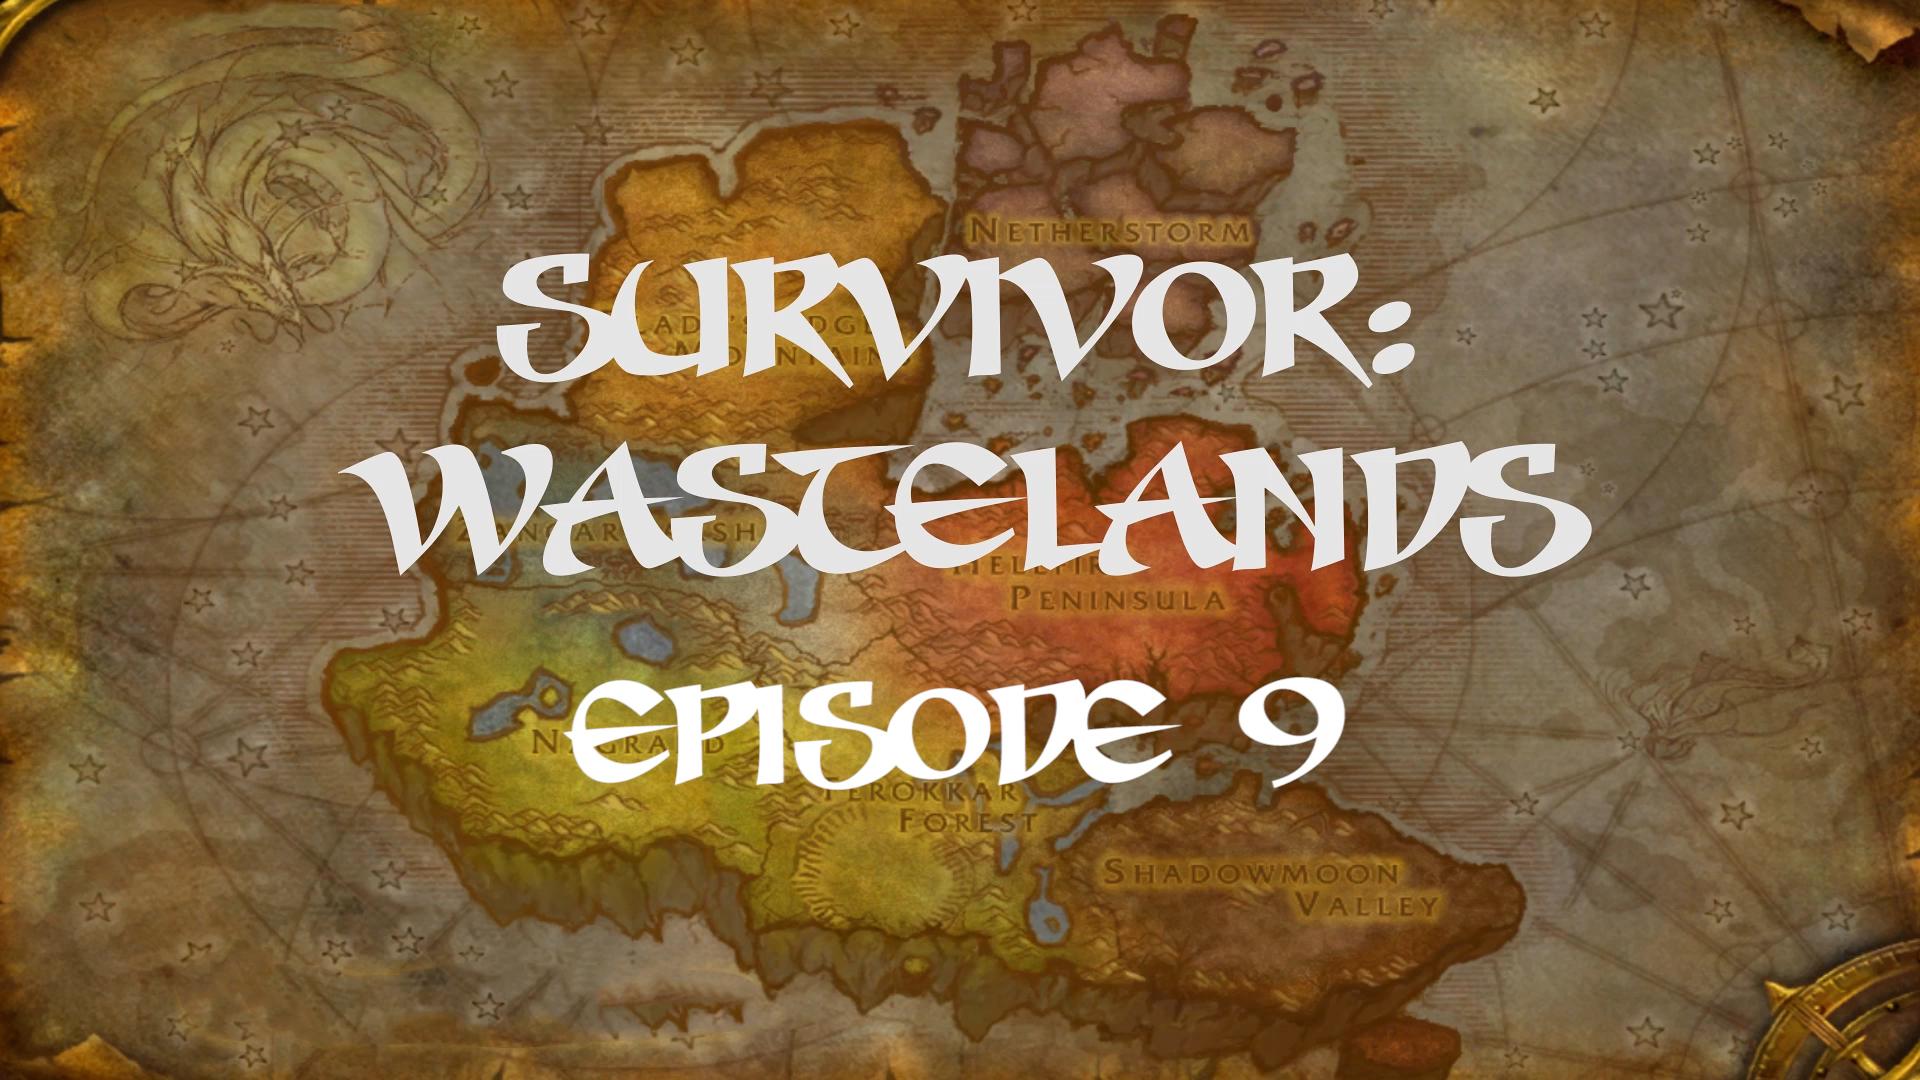 Survivor Wastelands Episode 9.jpg